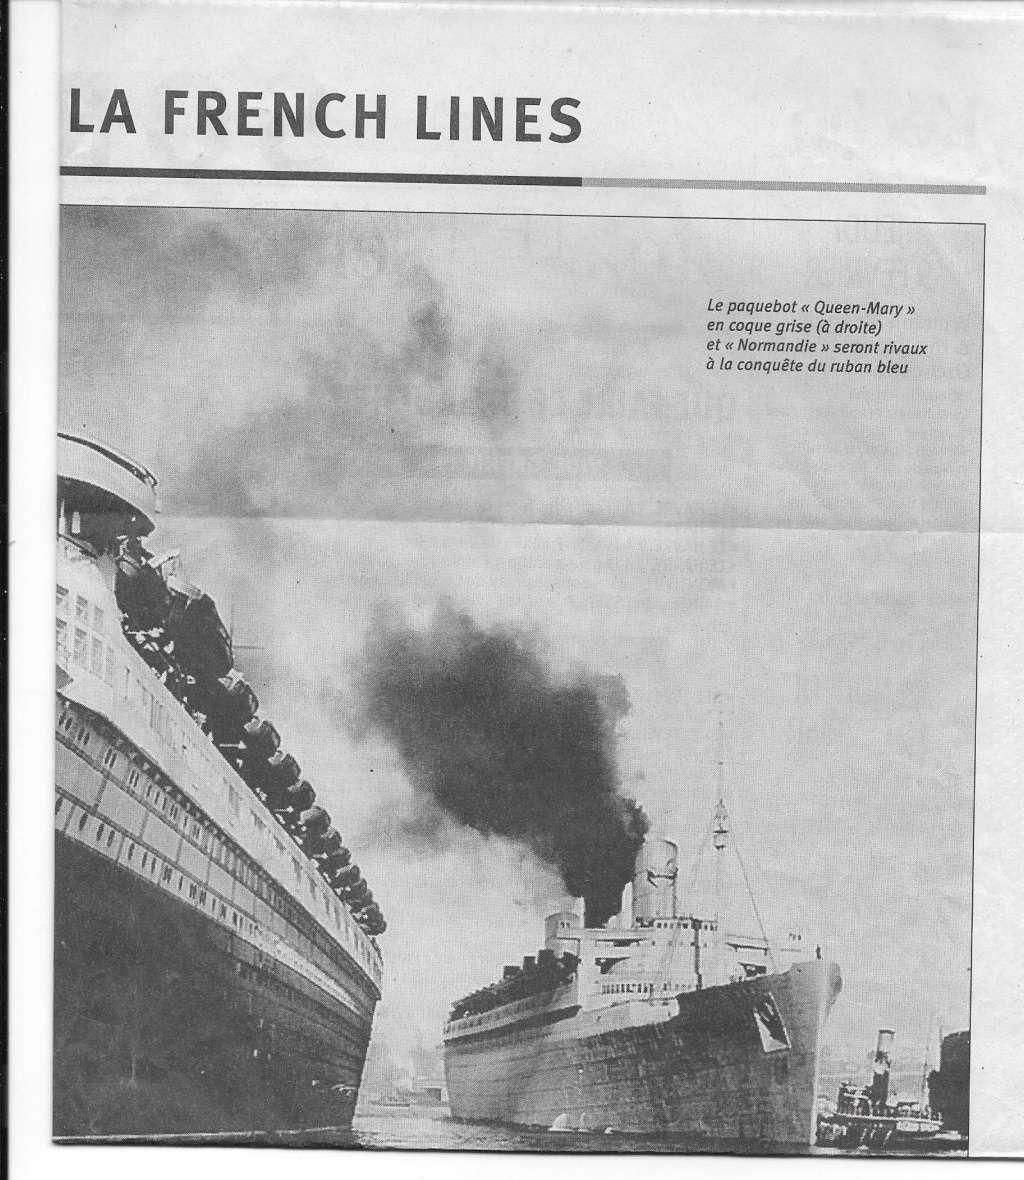 Histoire de bateaux - Le Ruban Bleu 530